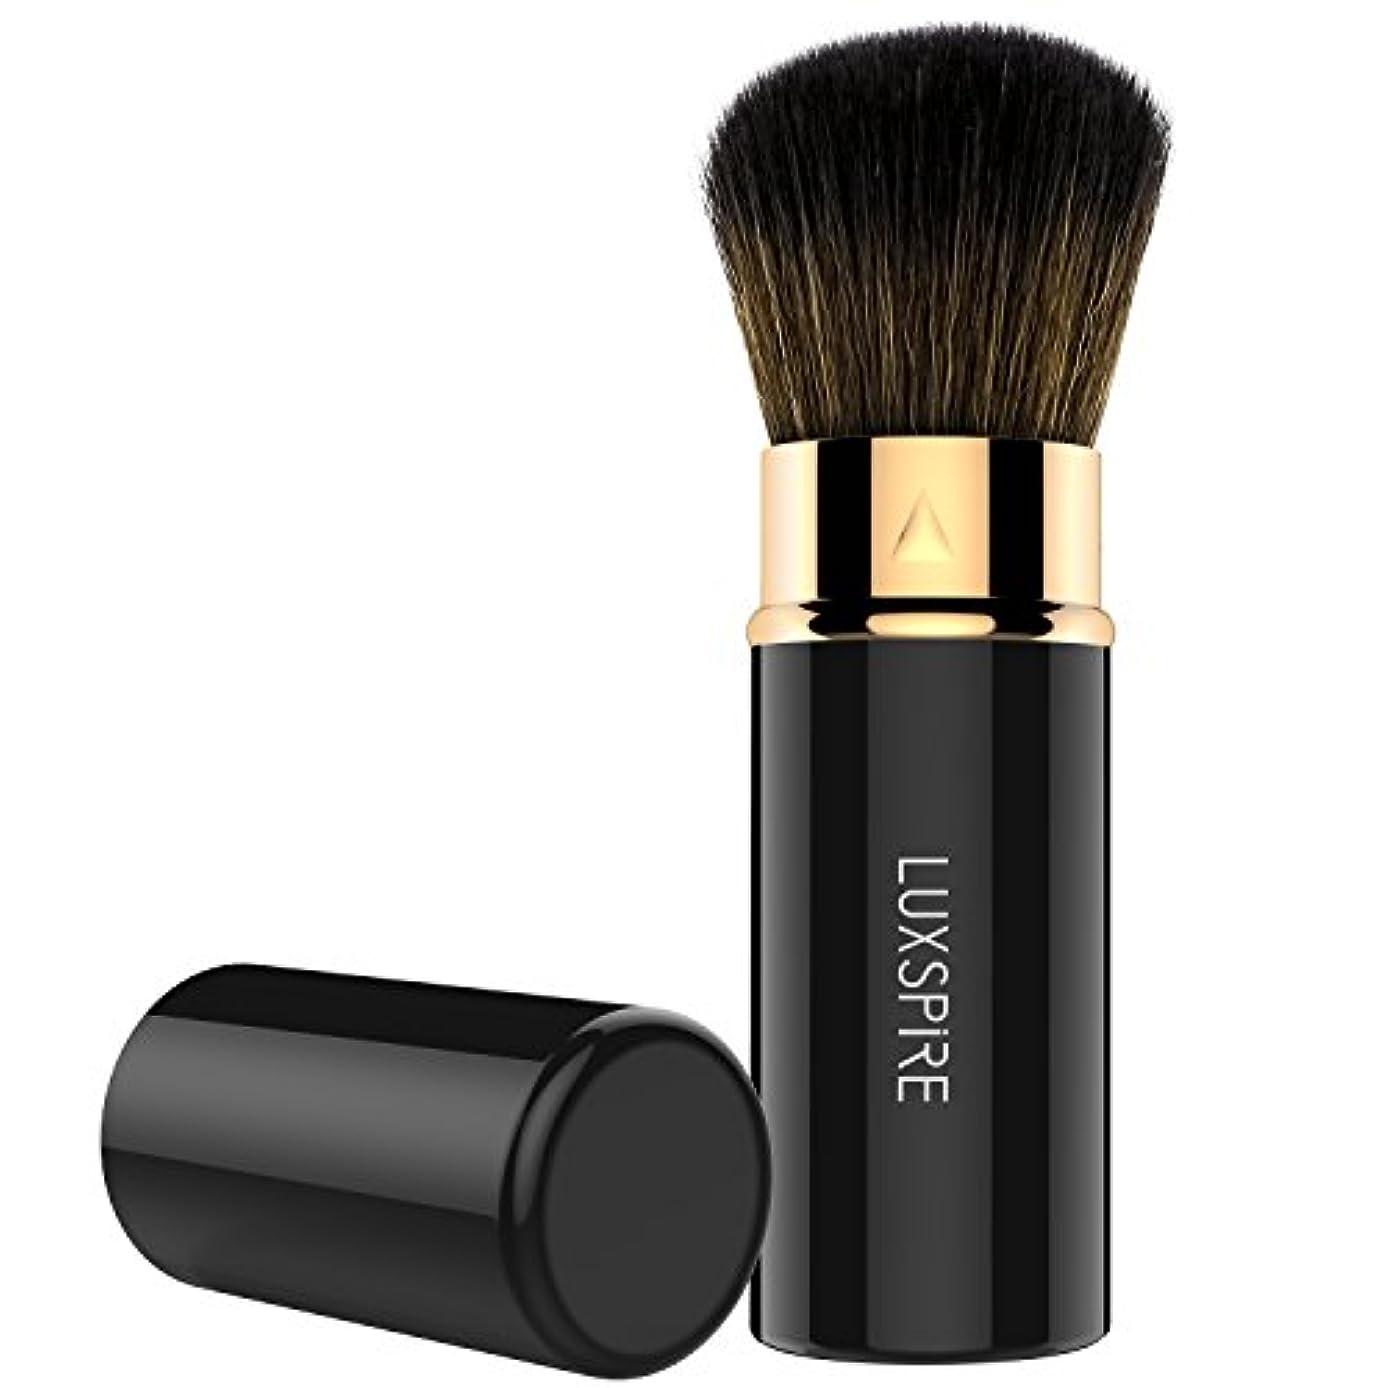 ファンデーションブラシ - Luxspire メイクブラシ 伸縮可能 防塵でき 化粧筆 コスメブラシ 繊細な人工毛 毛質やわらかい 肌に優しい